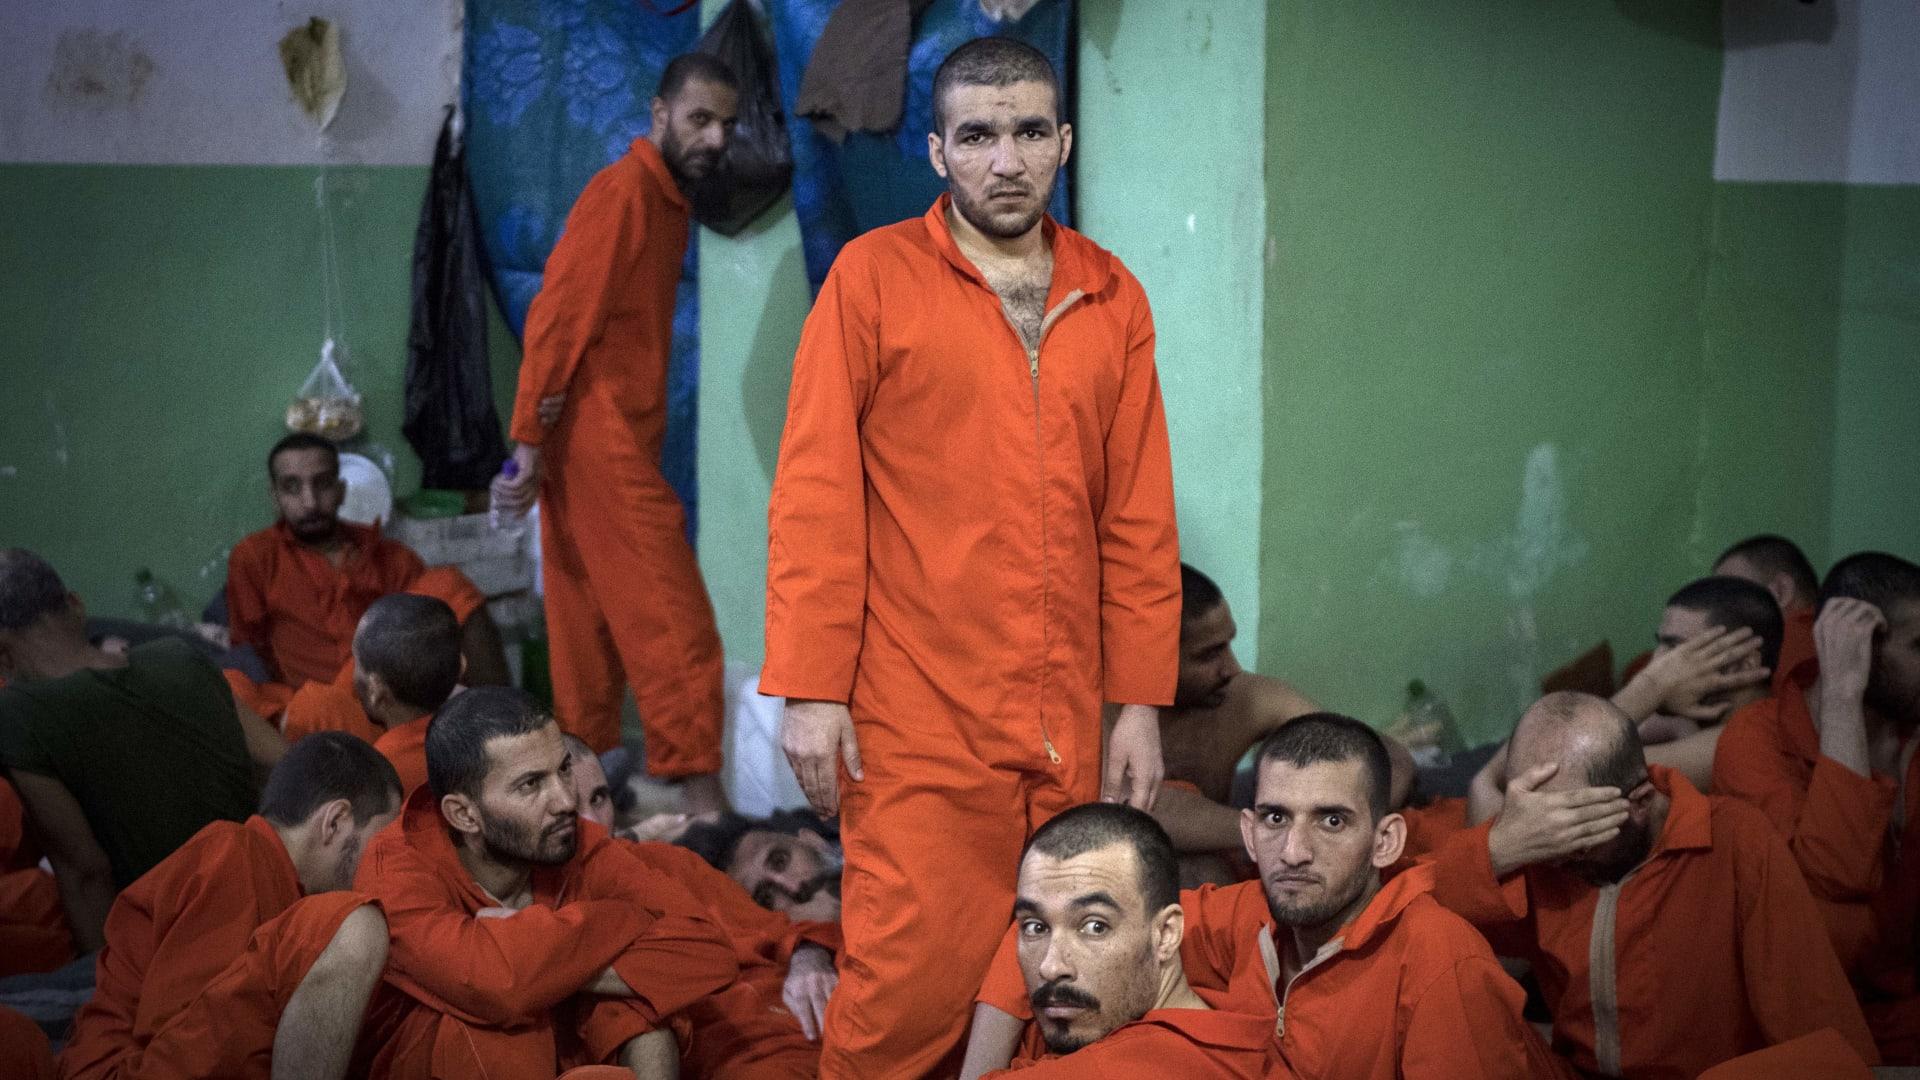 خبراء: عملية التخلص من داعش بالعراق لا تؤتي أكلها